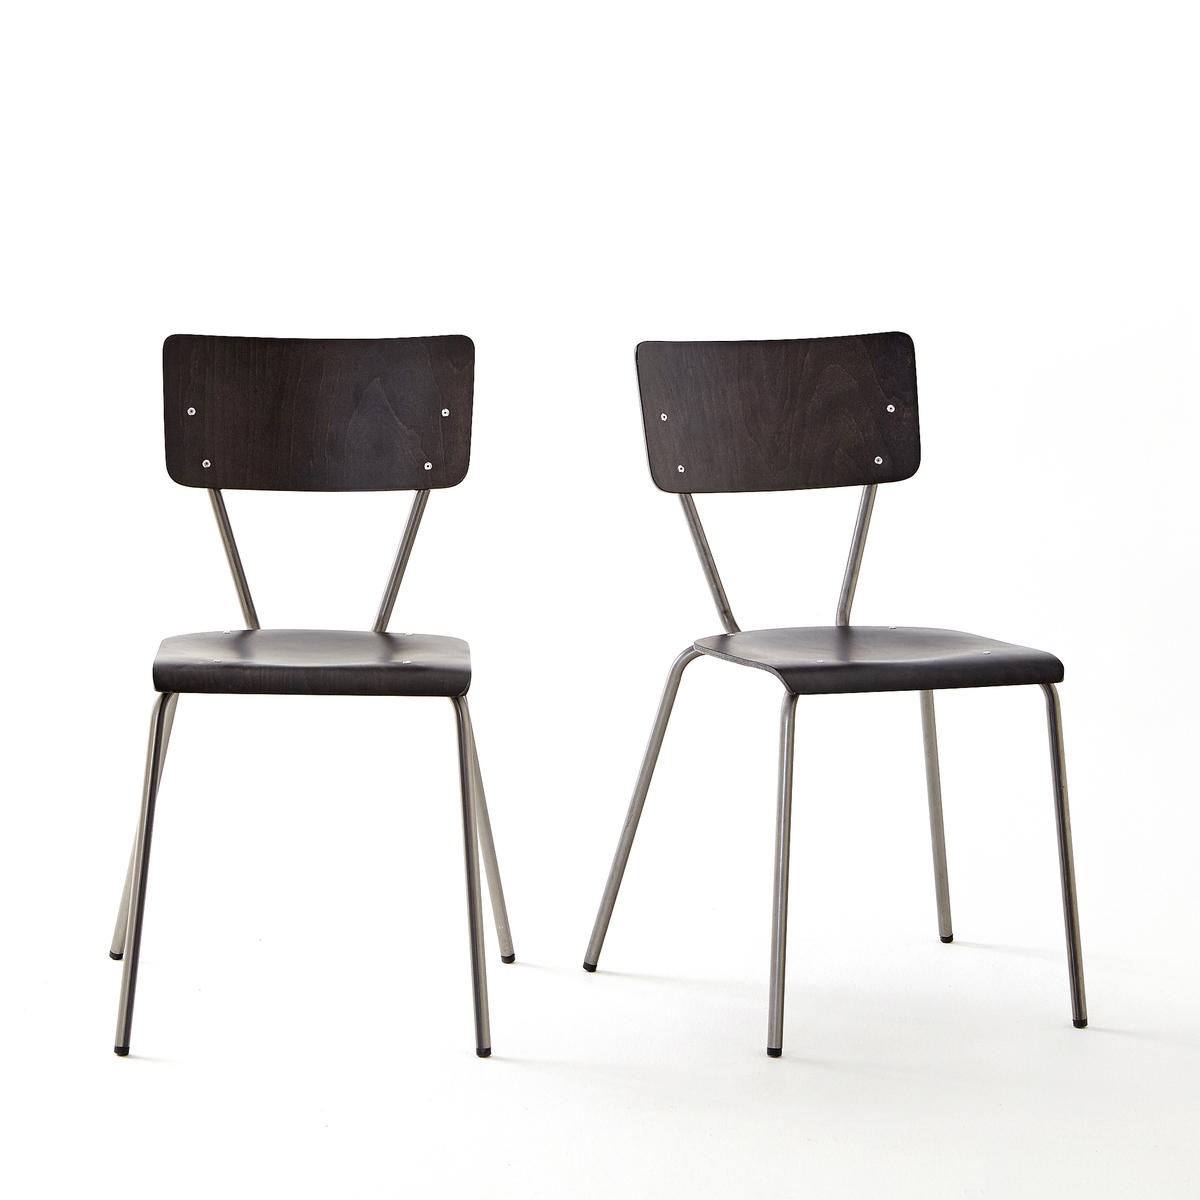 2 стула в винтажном стиле, Hiba